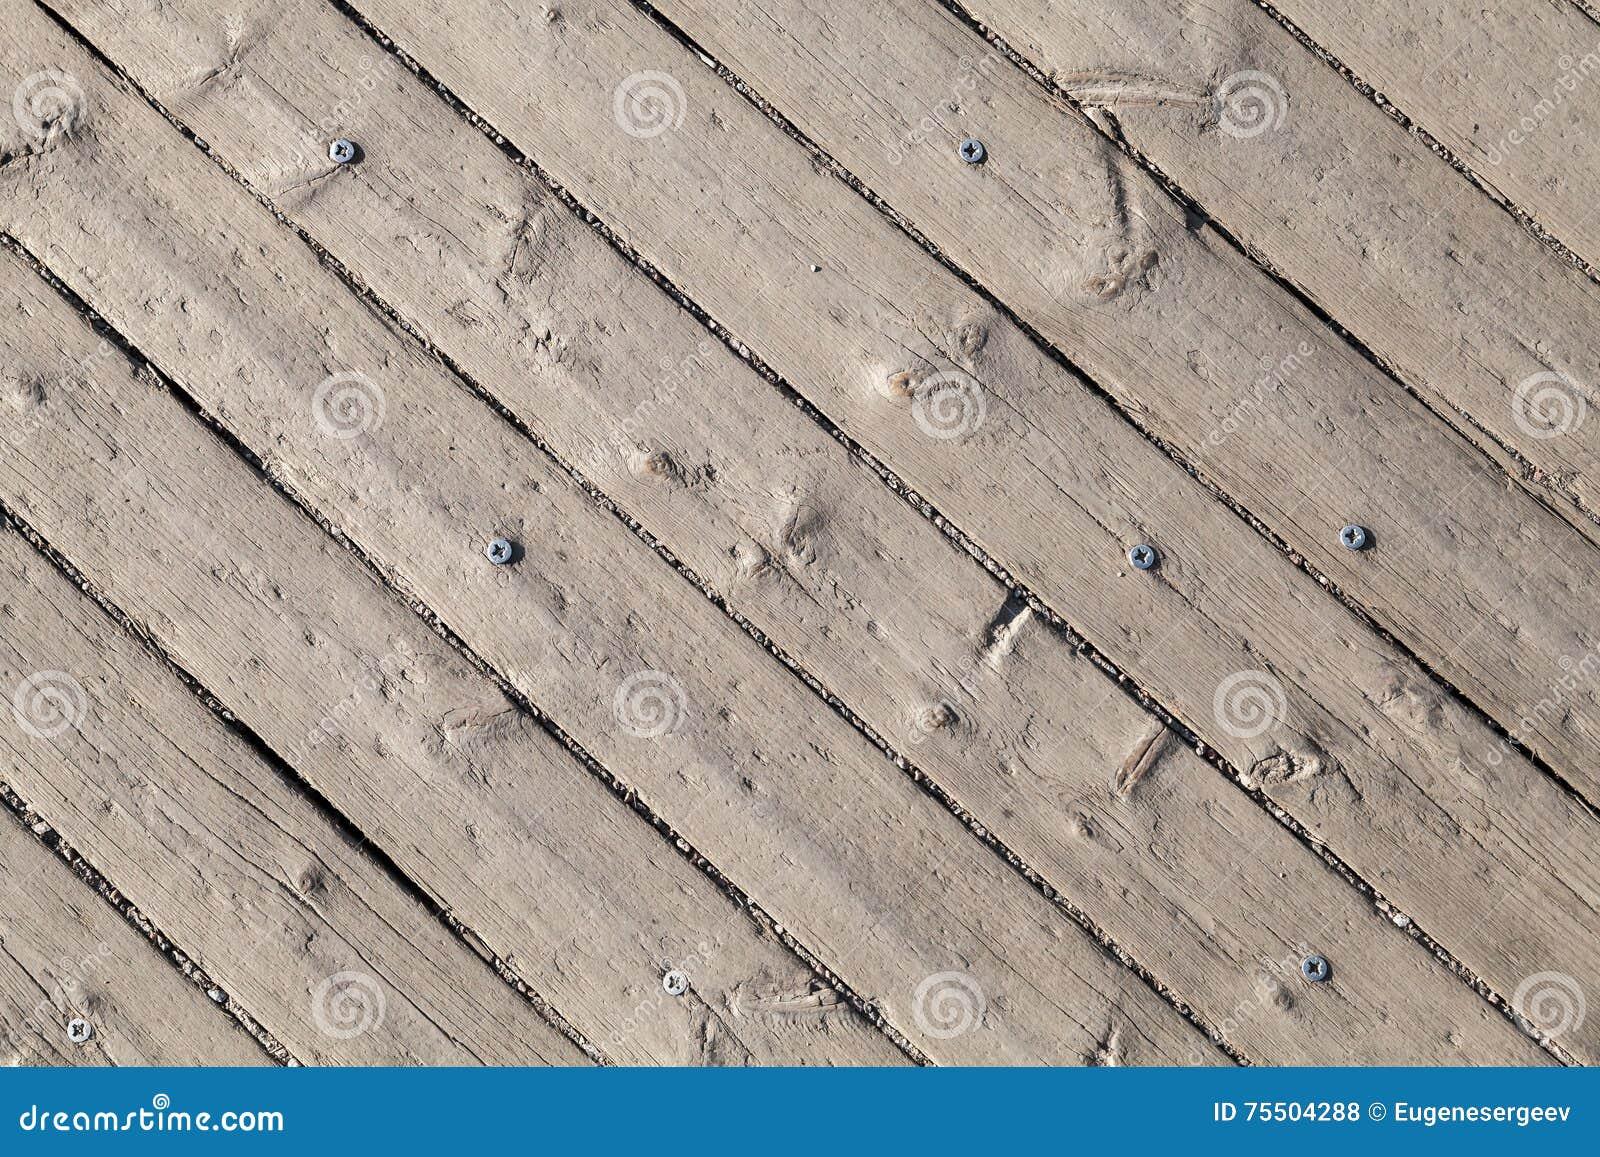 Oude grijze houten vloer met schroef achtergrond stock foto